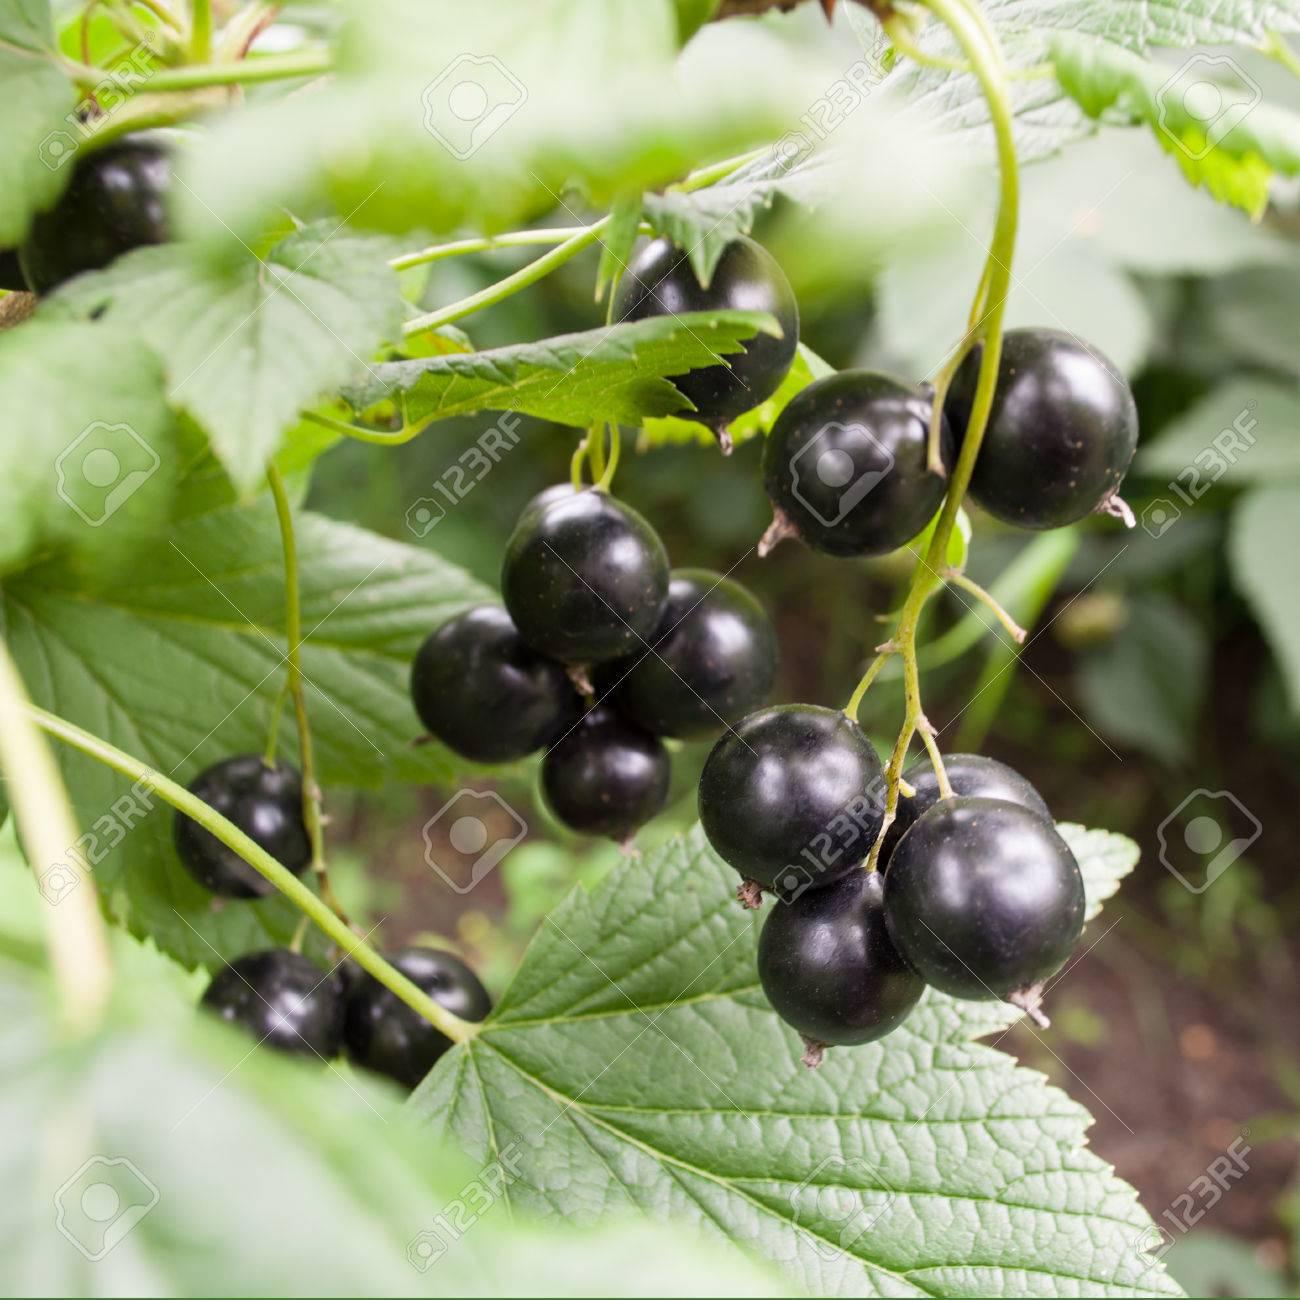 Bunch of Black currant in garden - 22551344